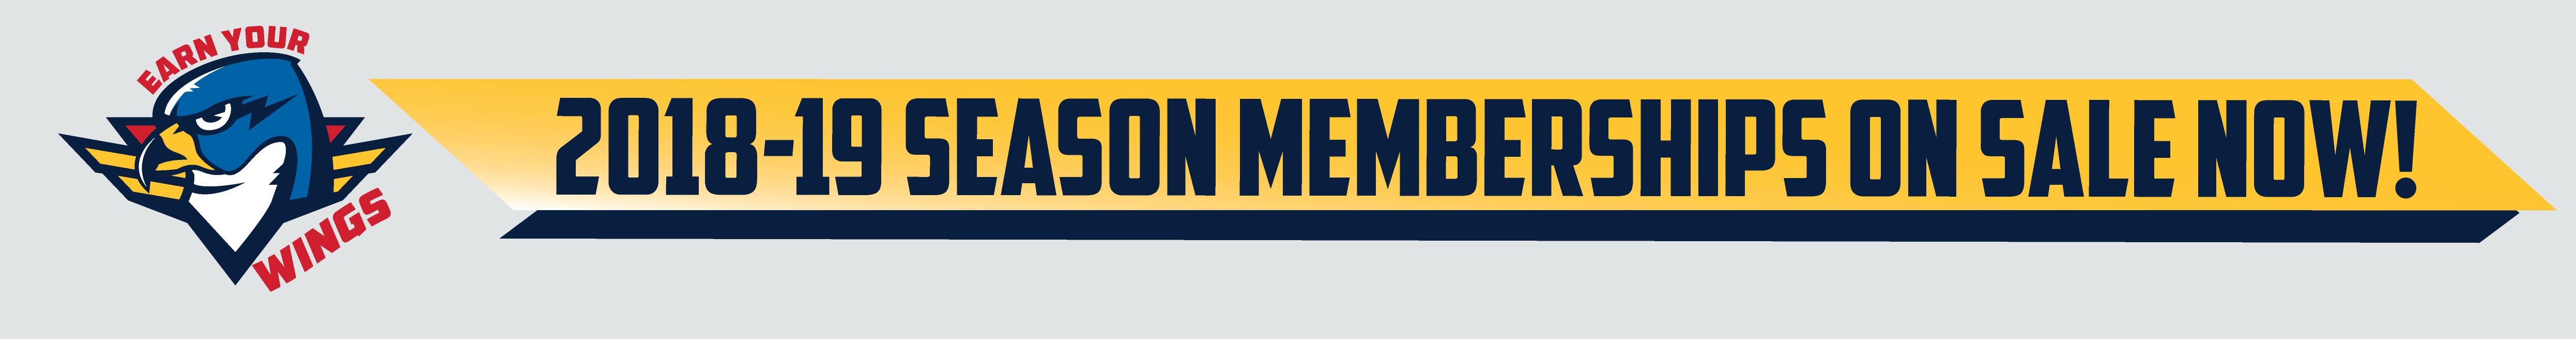 season memberships header 18-19.png